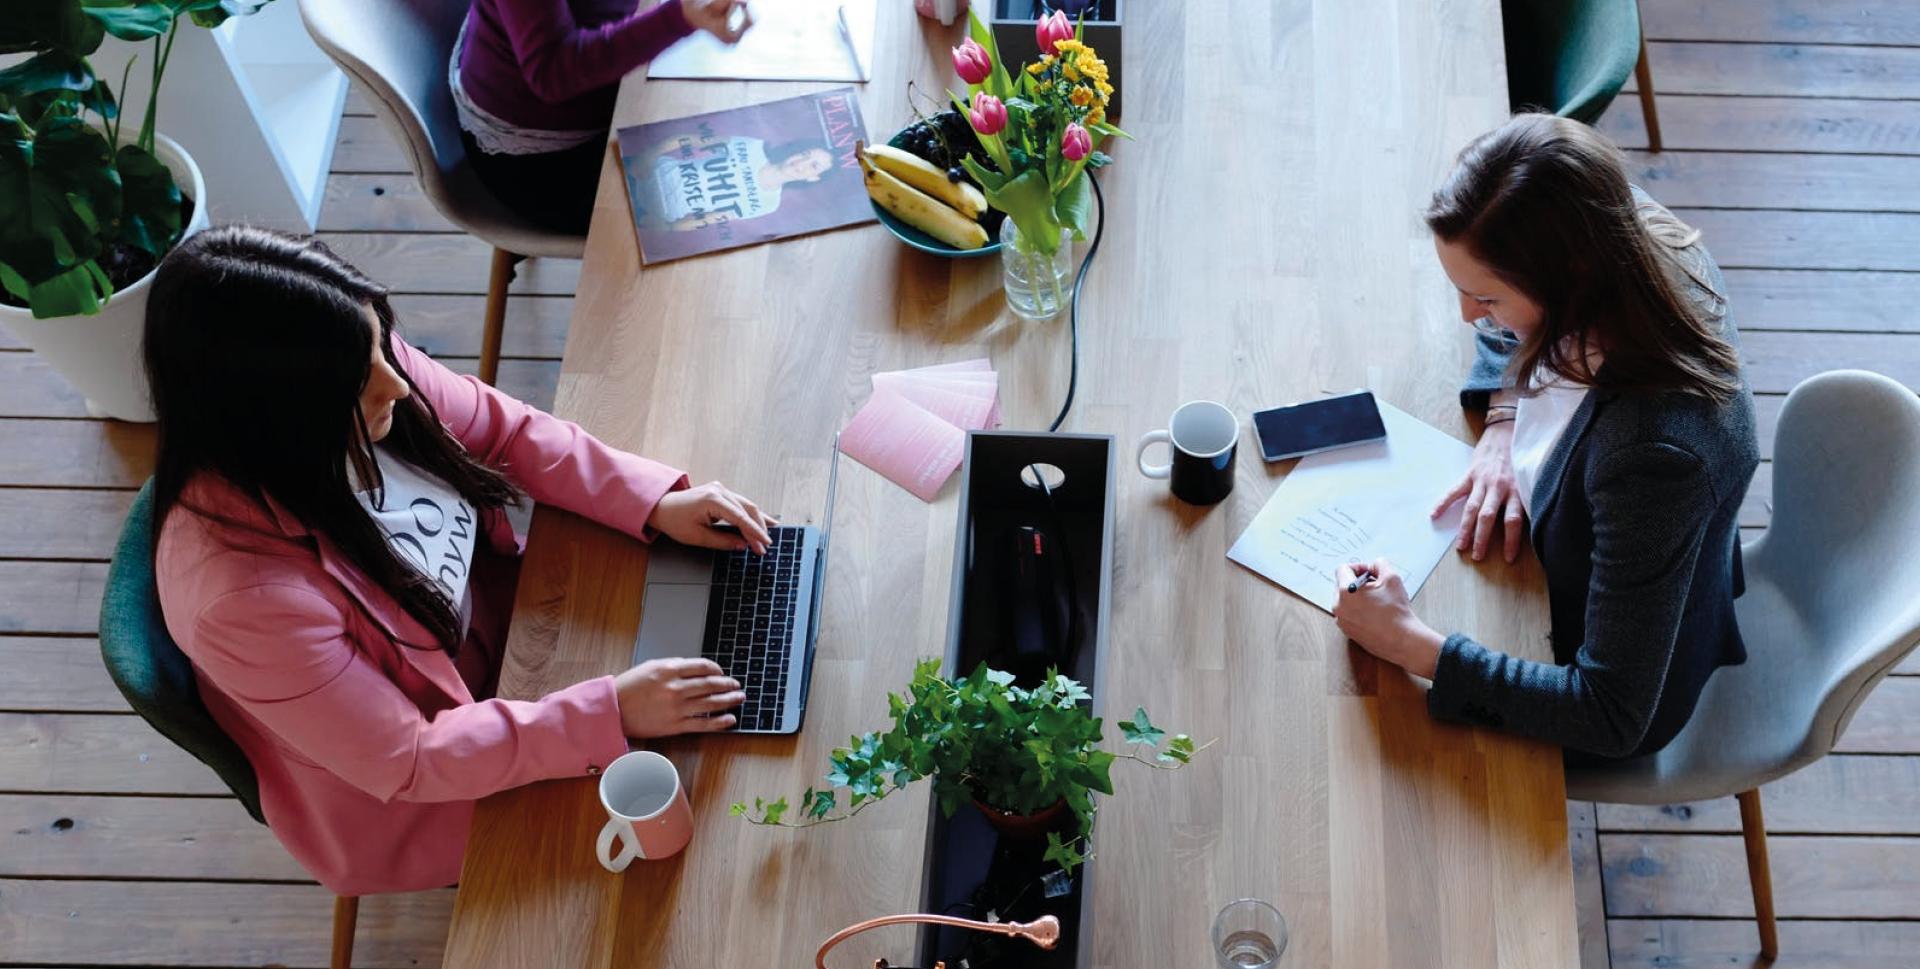 Damer sitter å jobber ved et bord